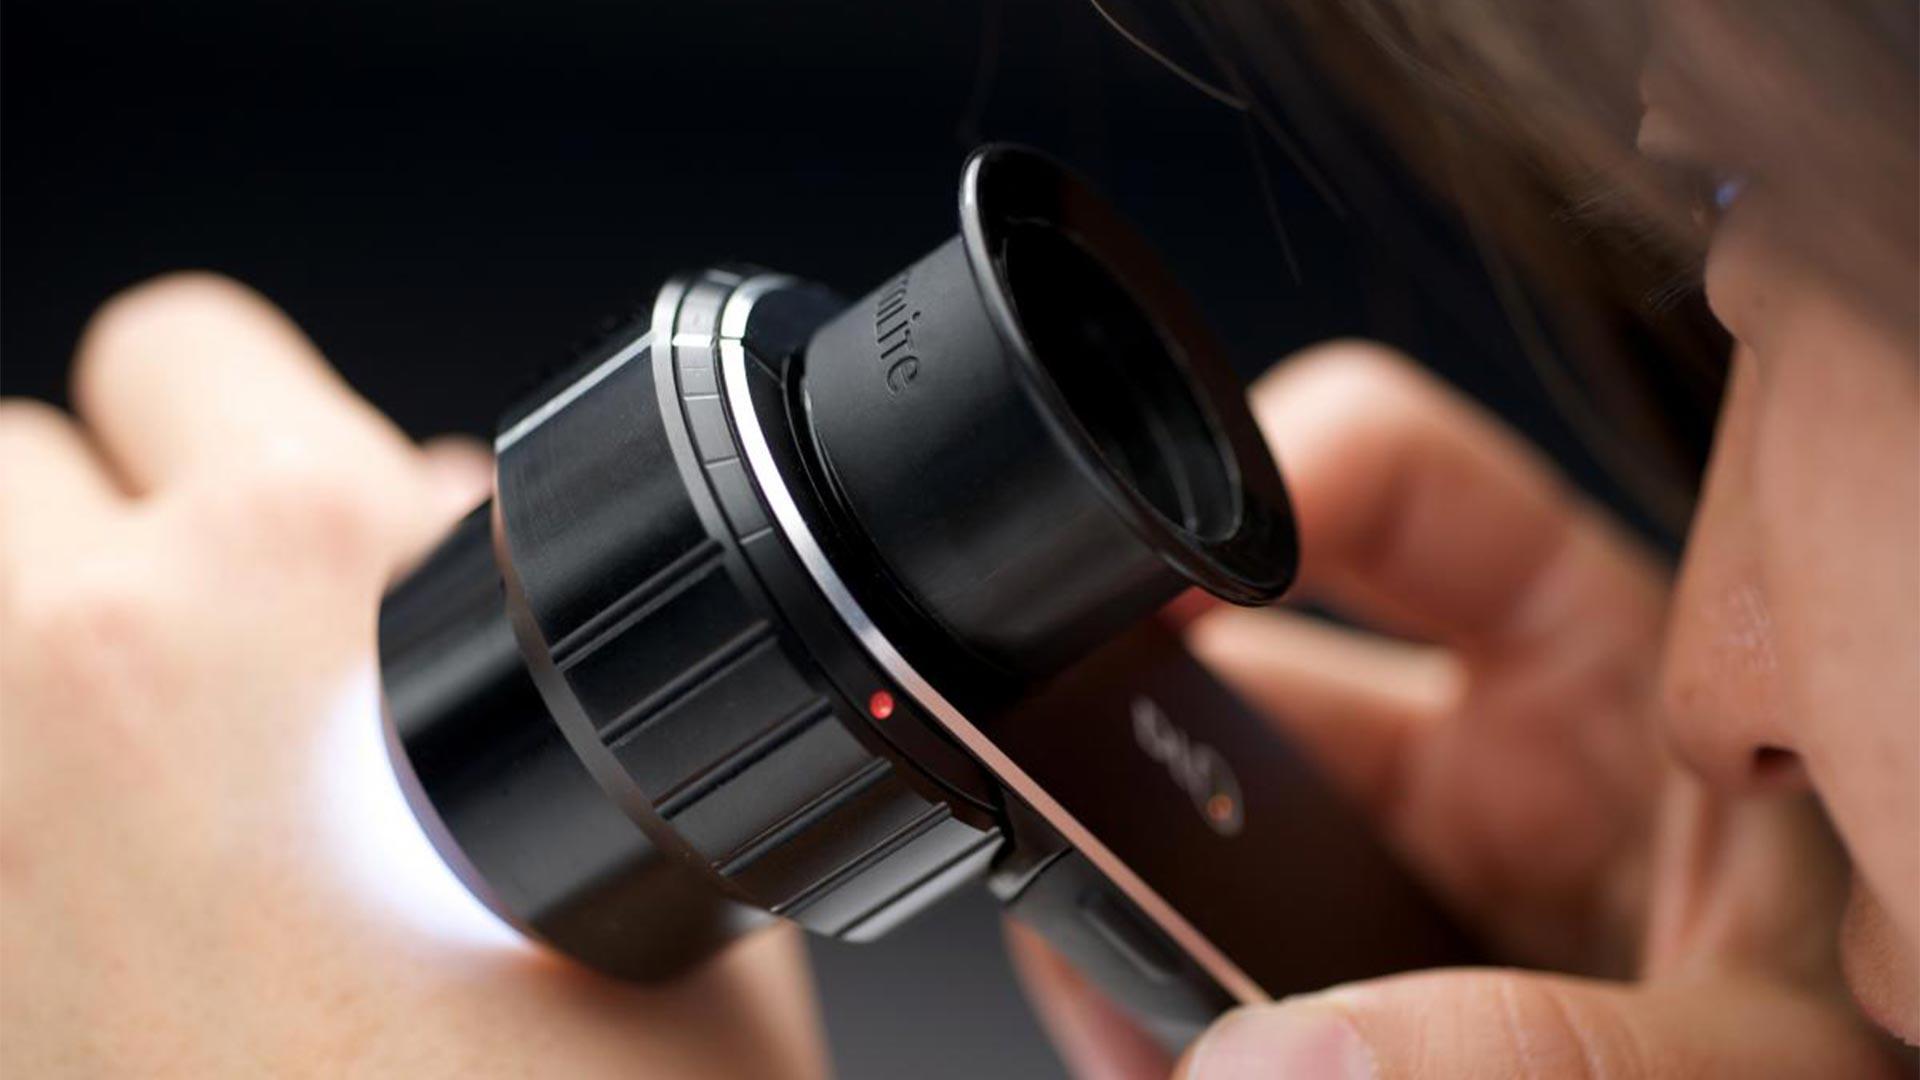 Ψηφιακή Δερματοσκόπηση Η προληπτική εξέταση για τον καρκίνο του δέρματος.